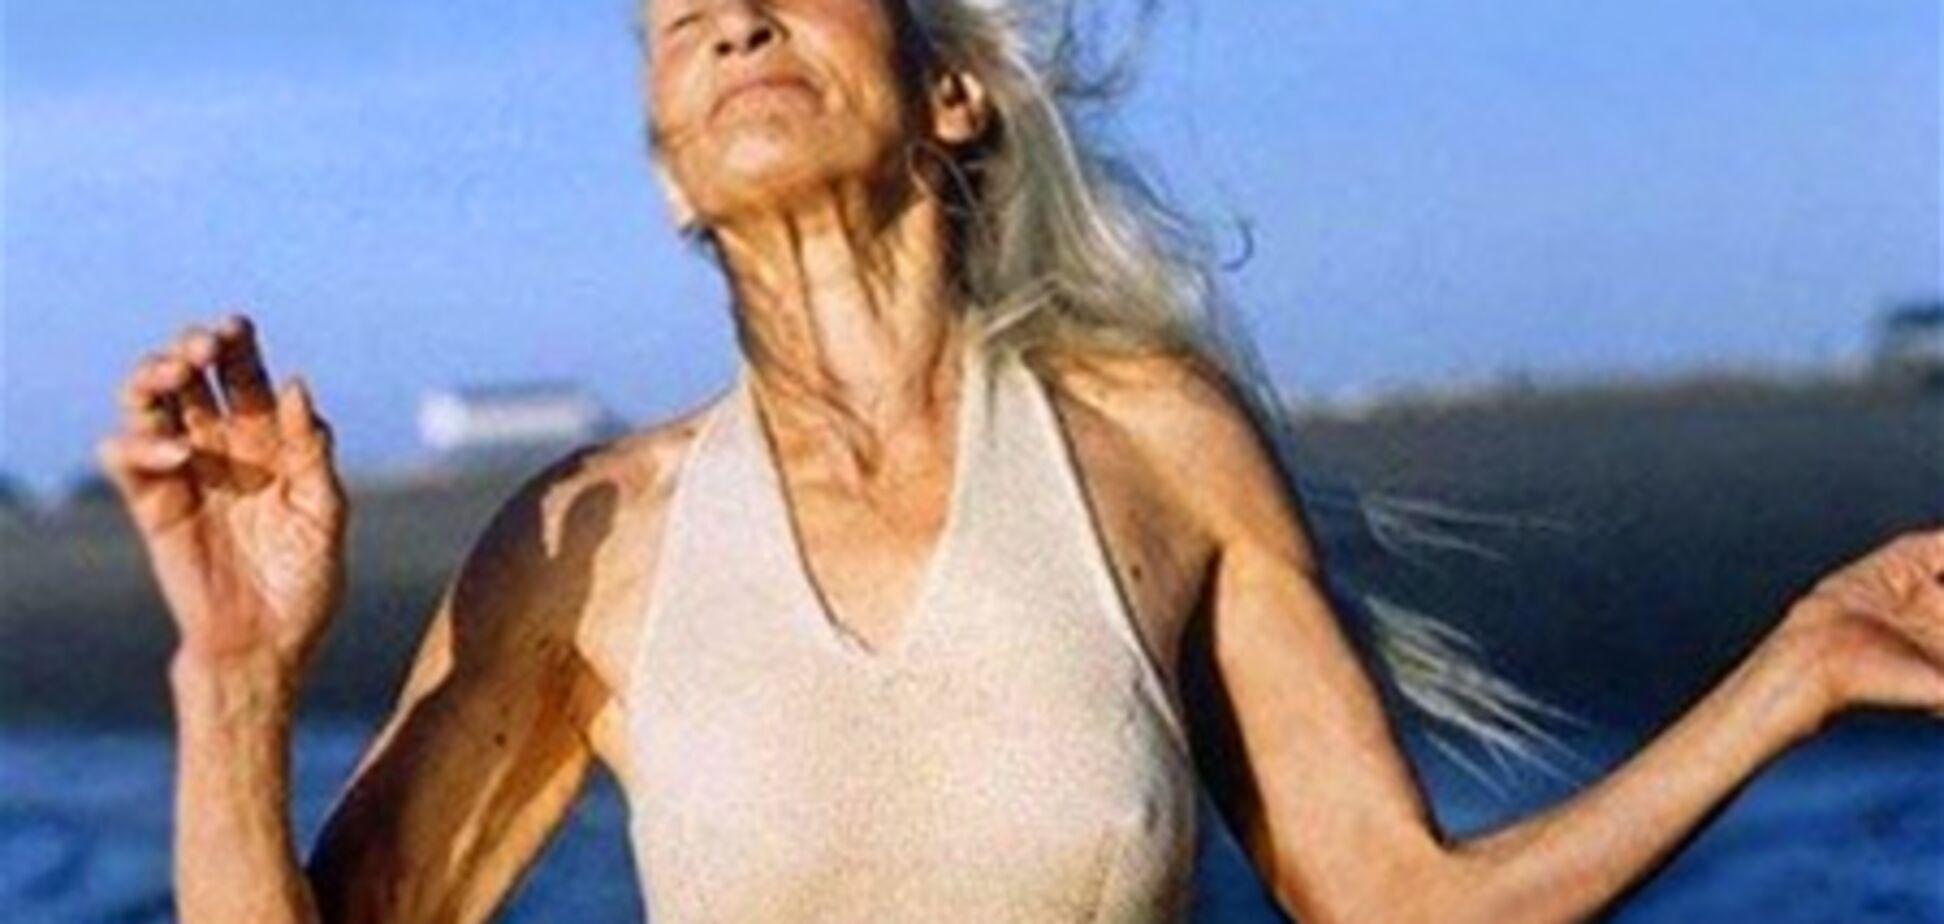 Повія, якій виповнилося 96 років, все ще обслуговує клієнтів